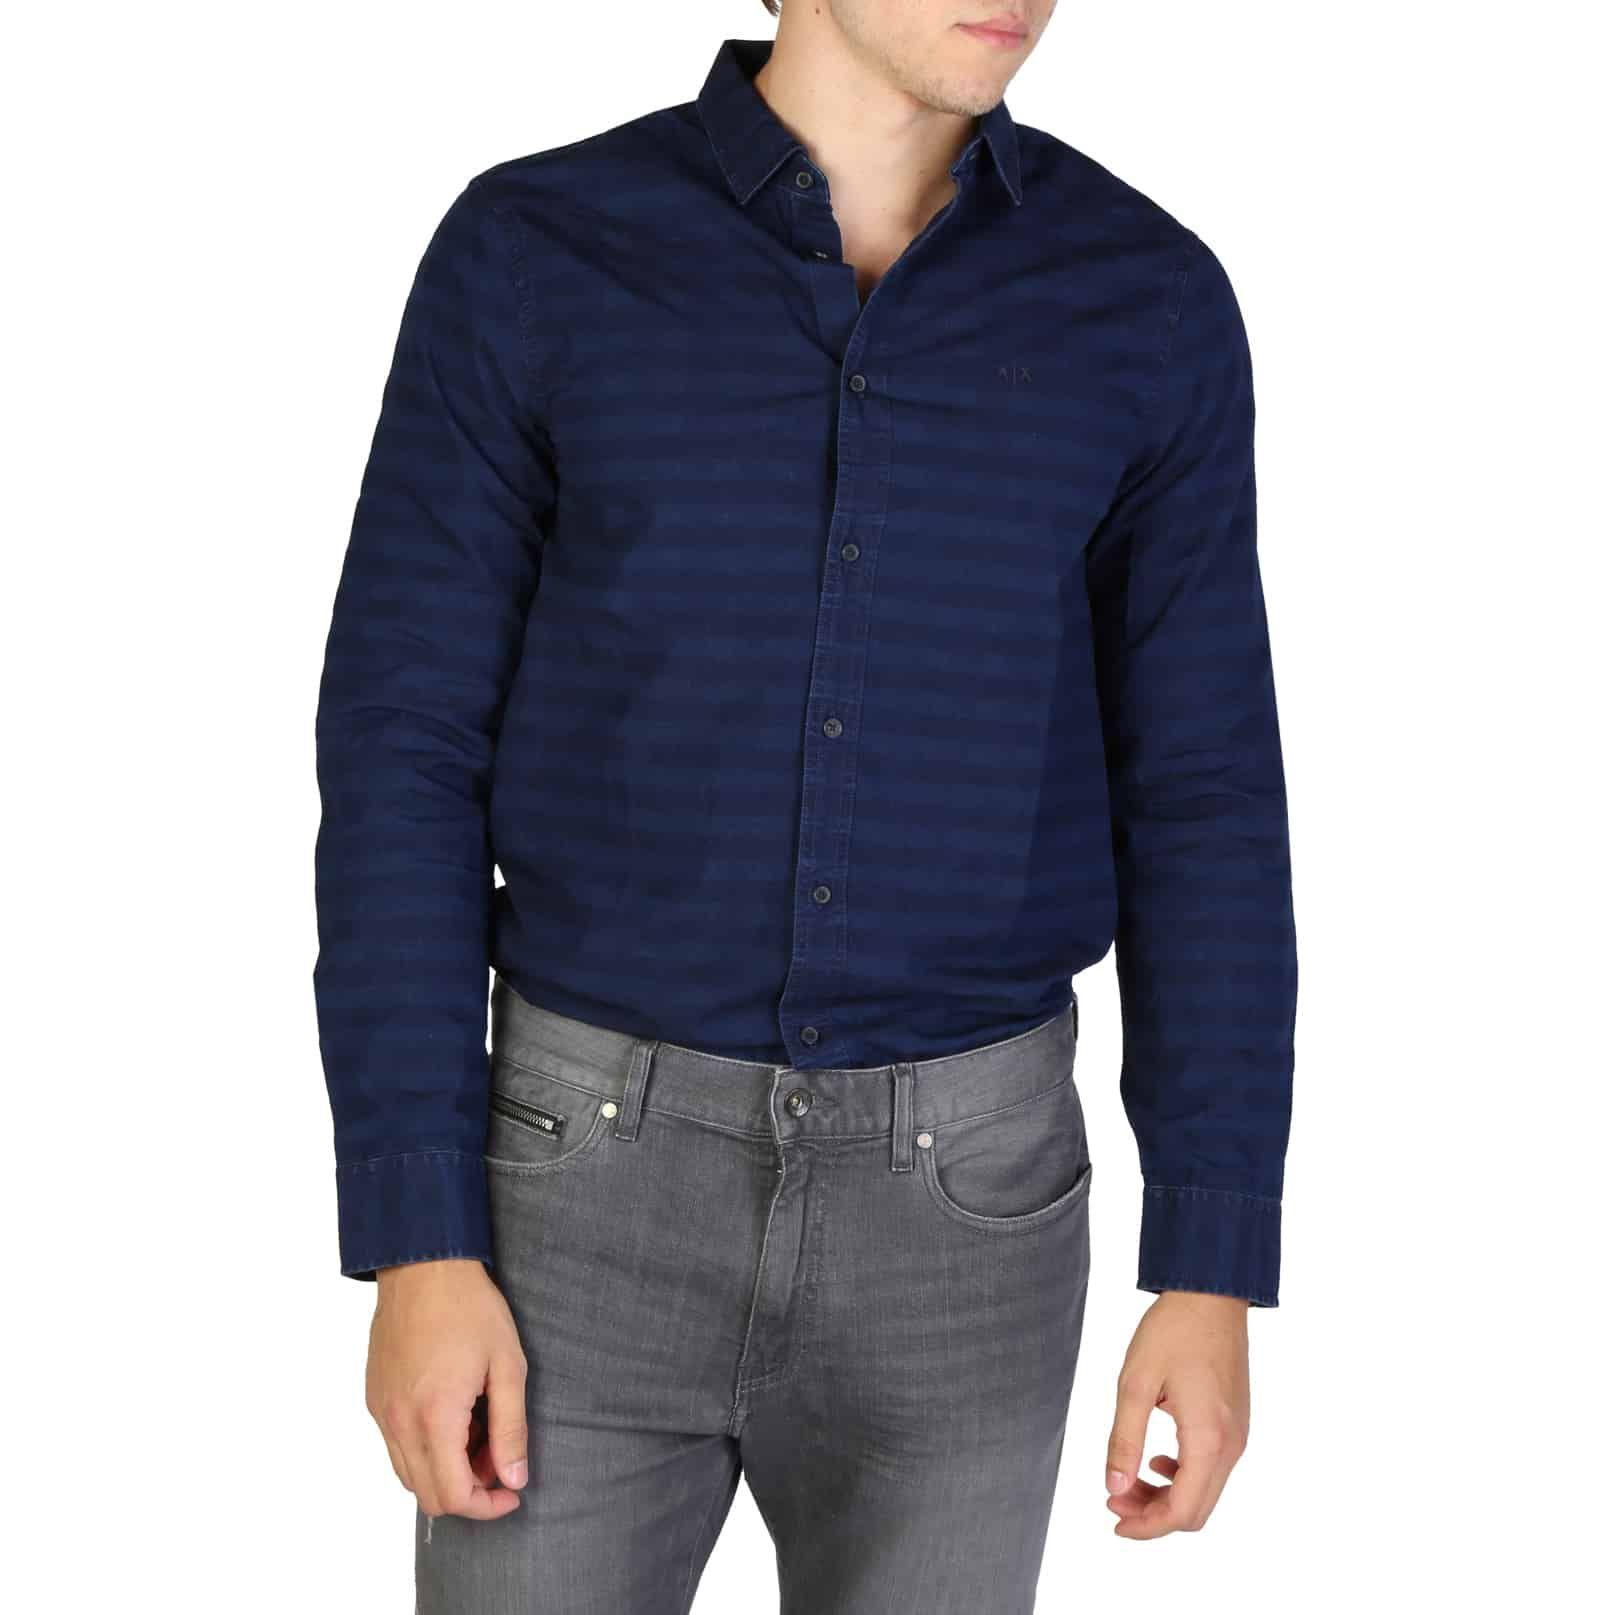 ARMANI EXCHANGE Camicia blu scuro Abbigliamento